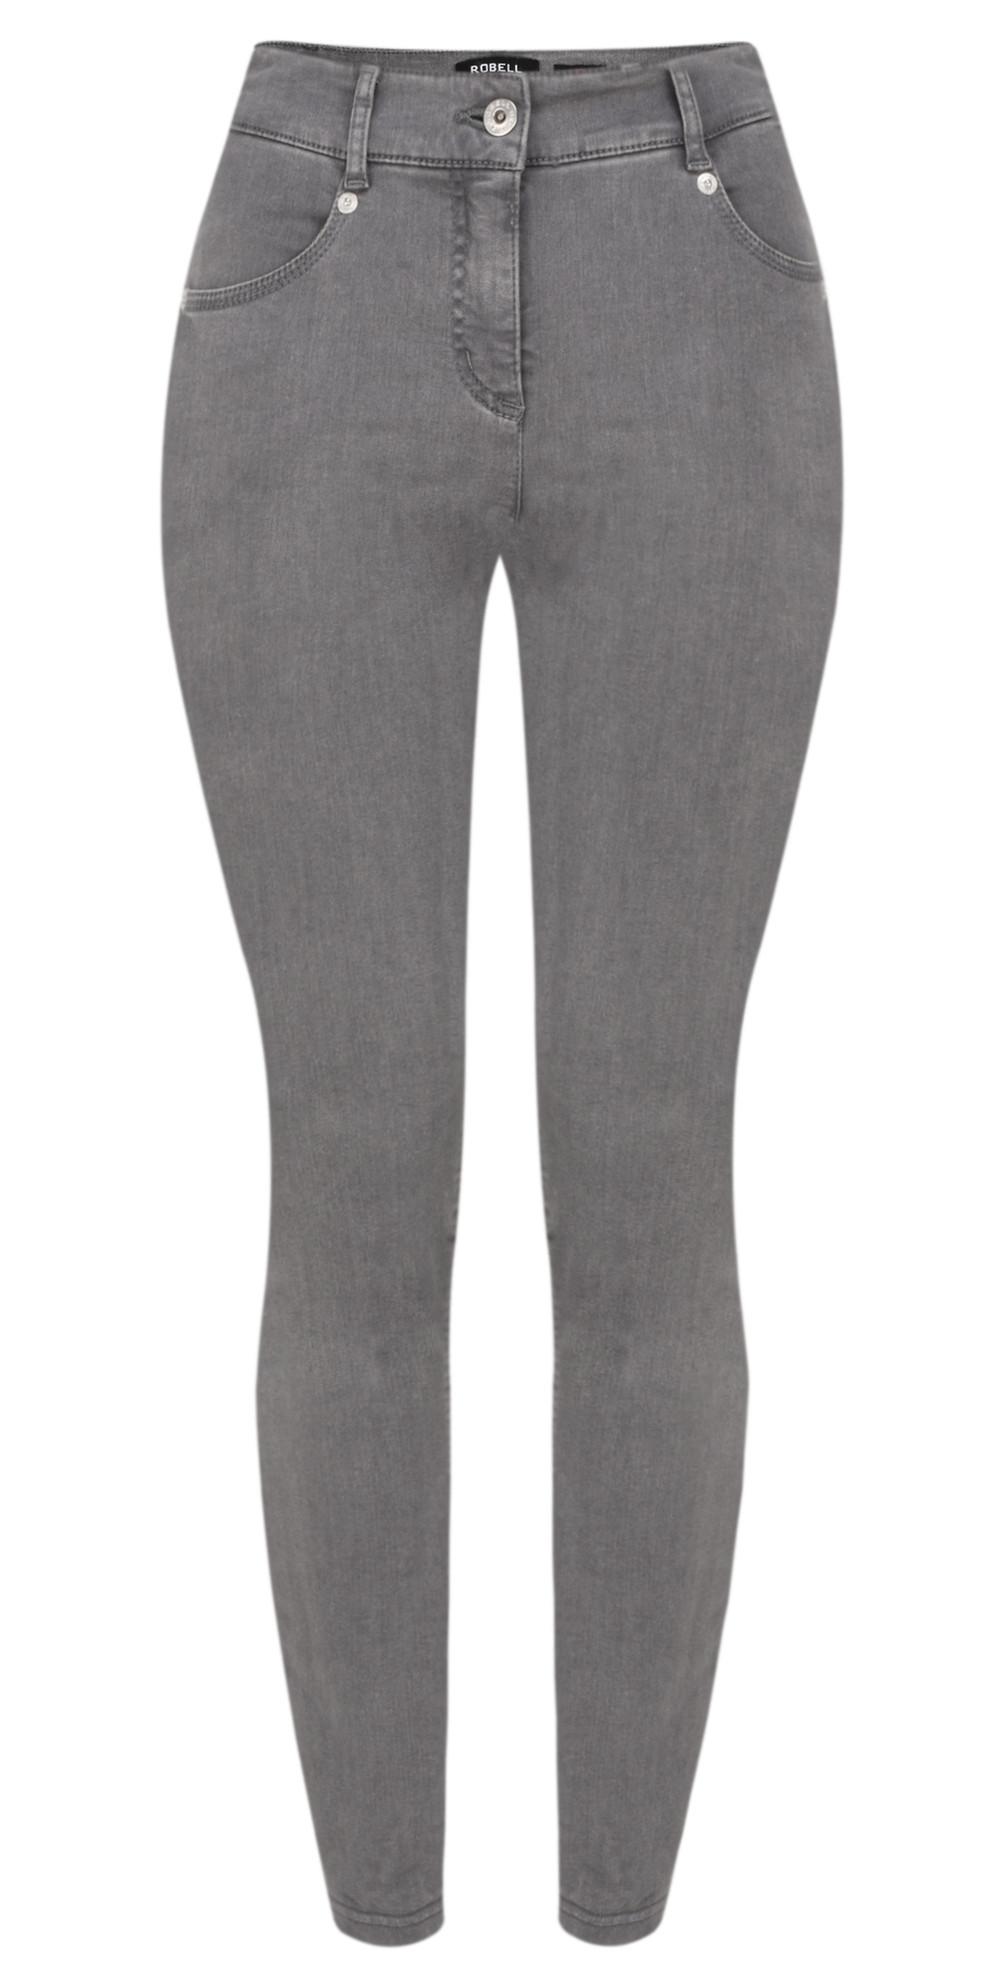 Star Power Stretch Dark Grey Skinny Jean main image